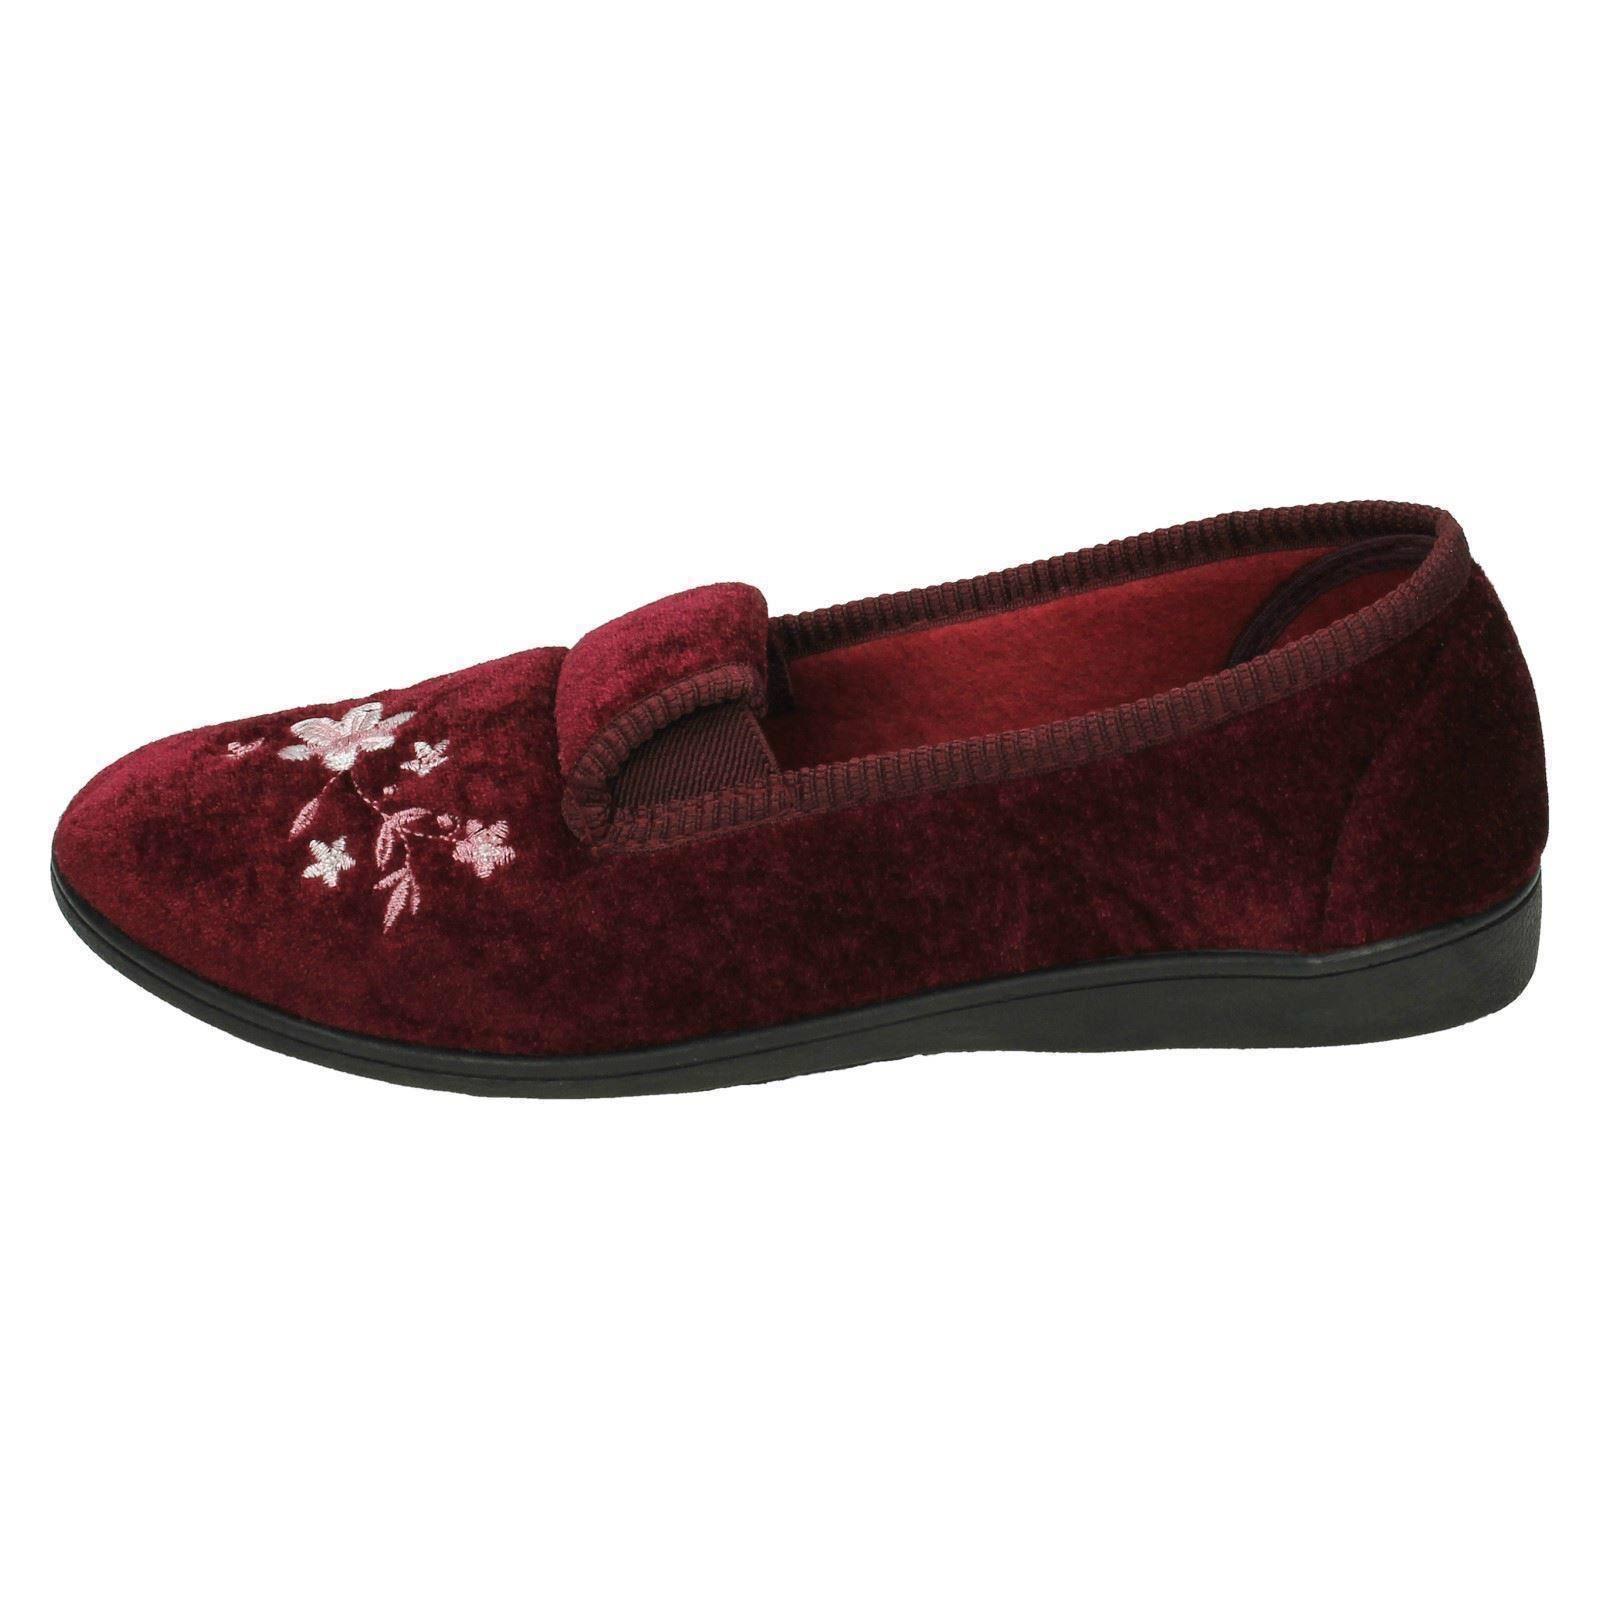 Damas Spot On Zapatillas de Calidad Estampado De Flores Zapatillas 'LS30'